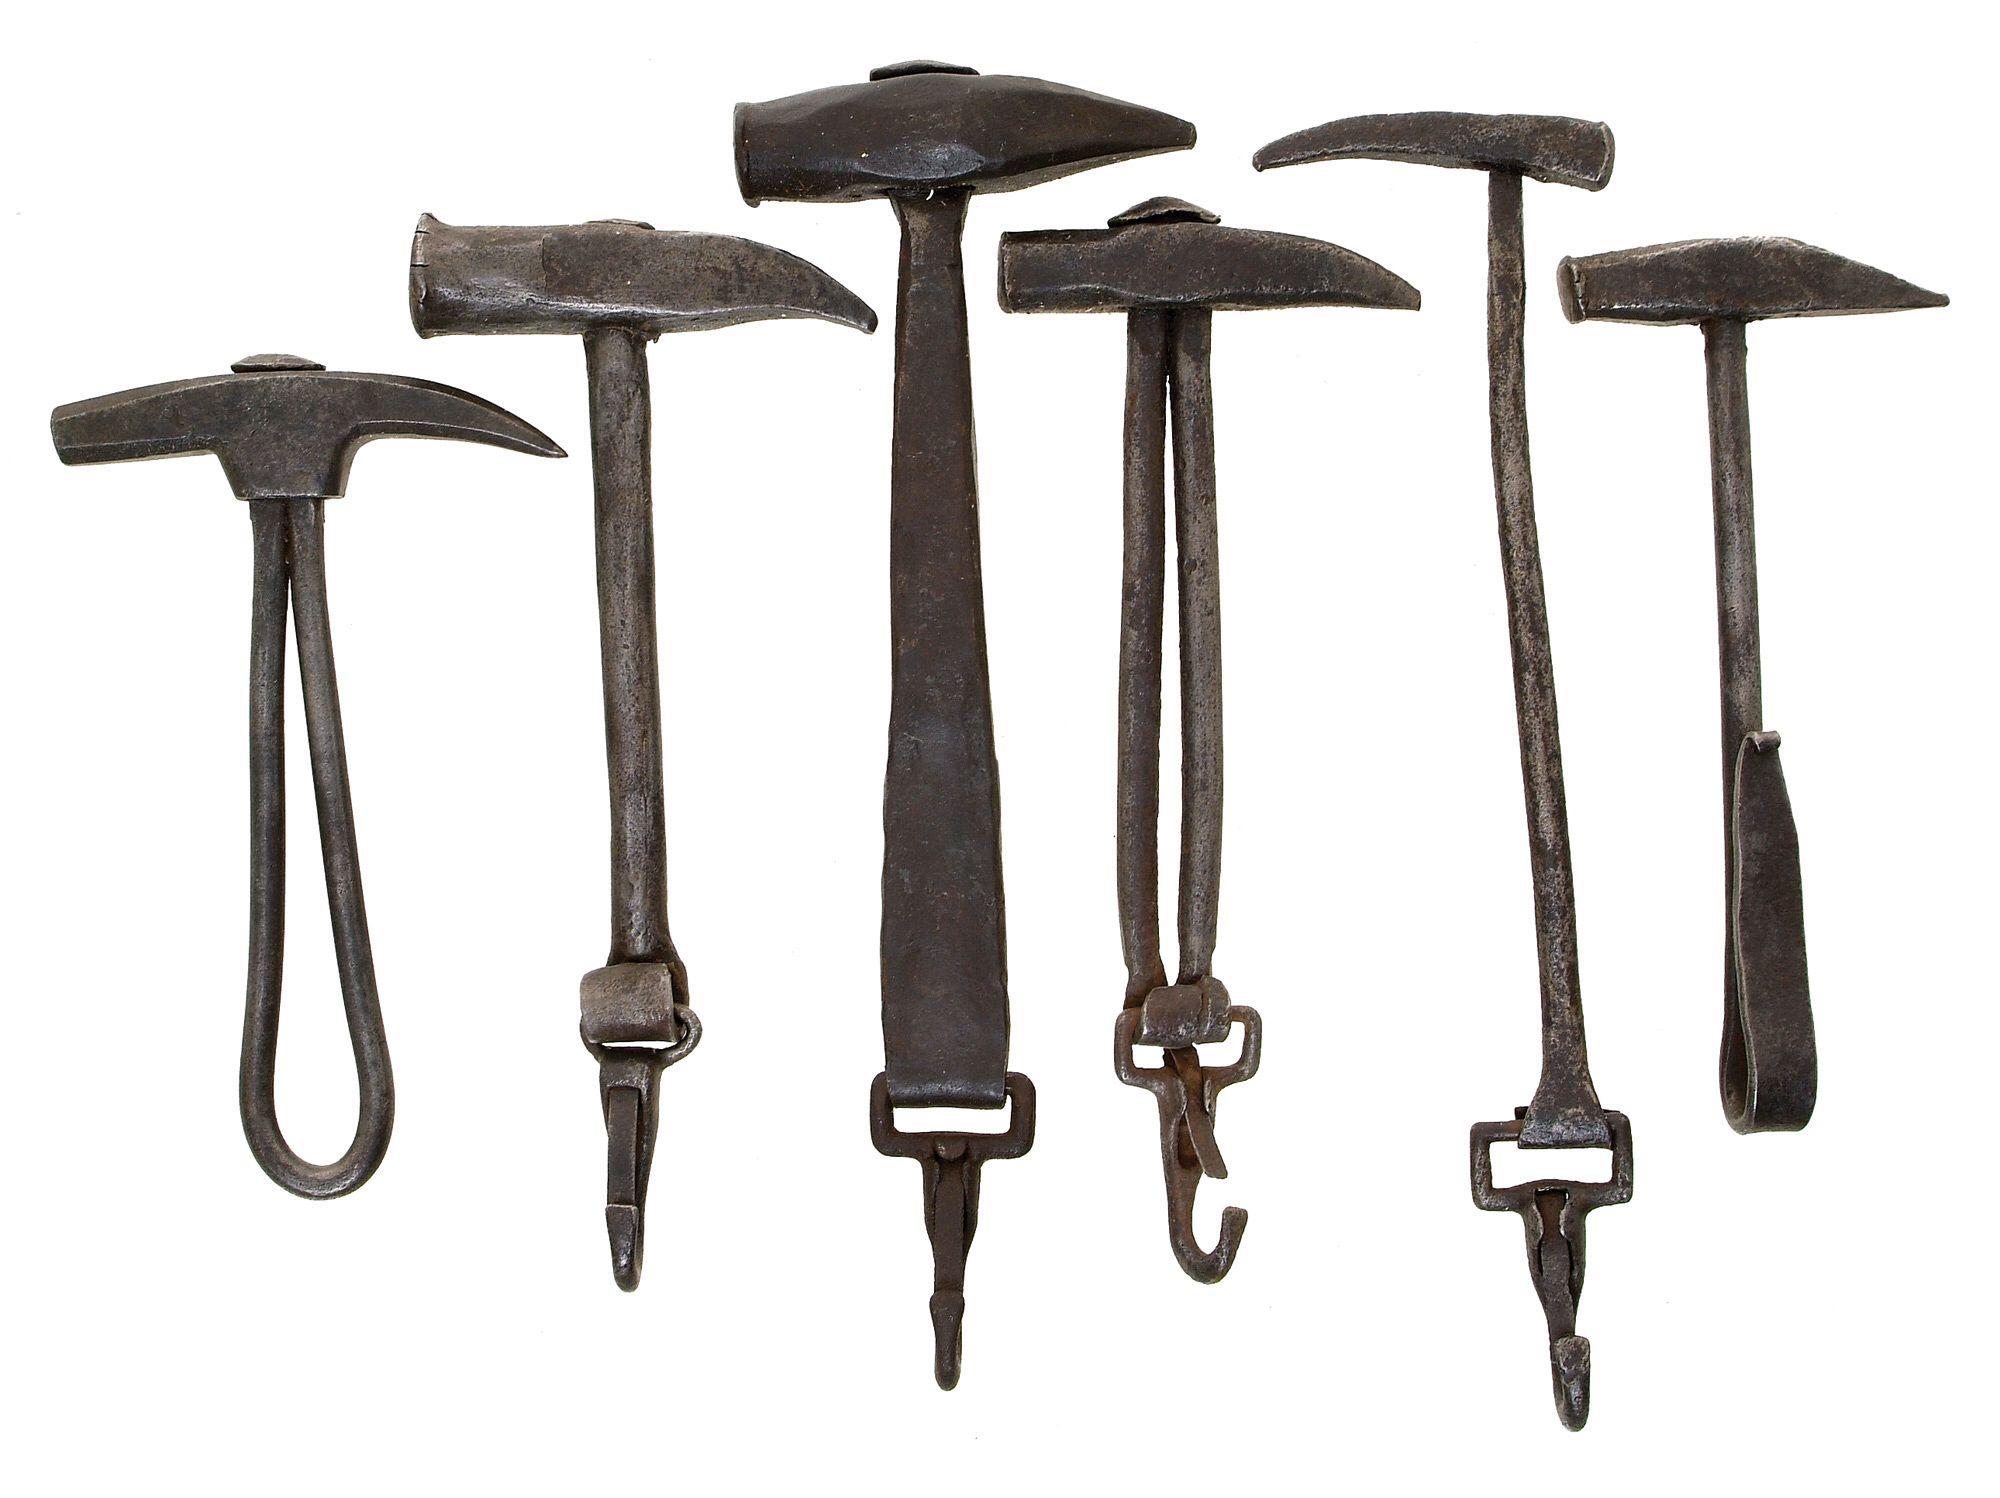 Sleighing hammers